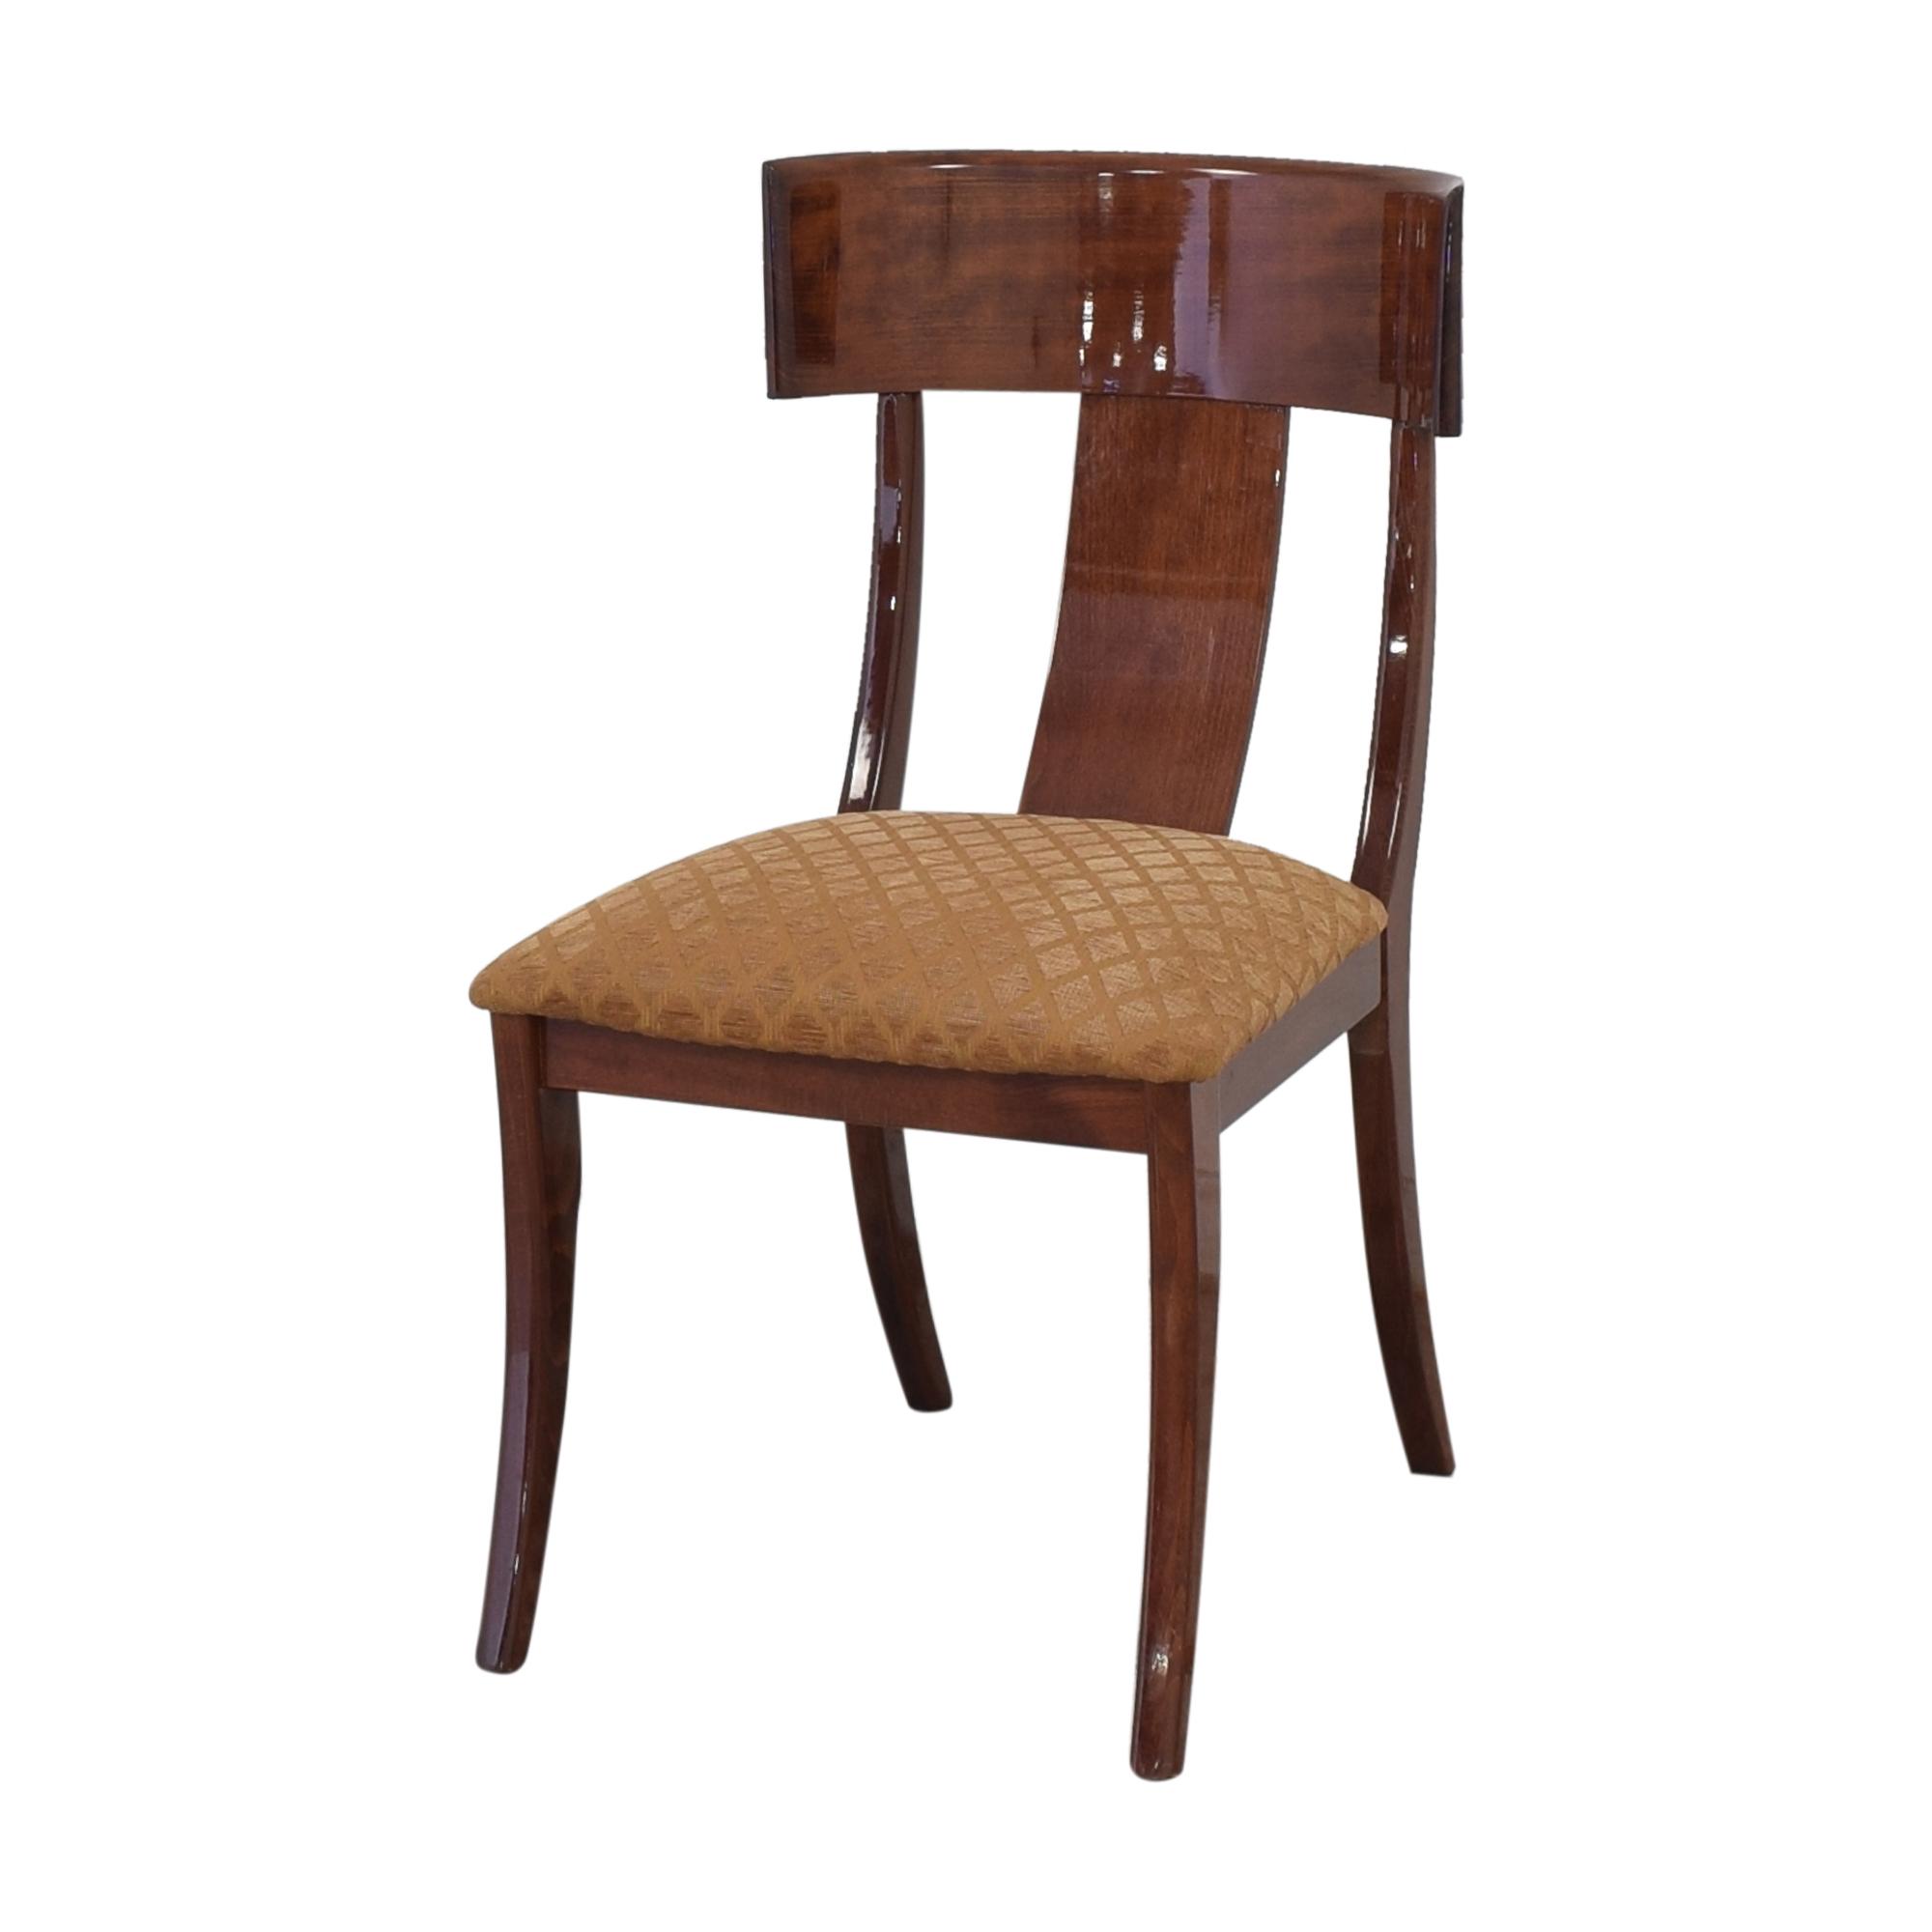 Ello Furniture Pietro Constantini for Ello Klismos Dining Chairs Dining Chairs